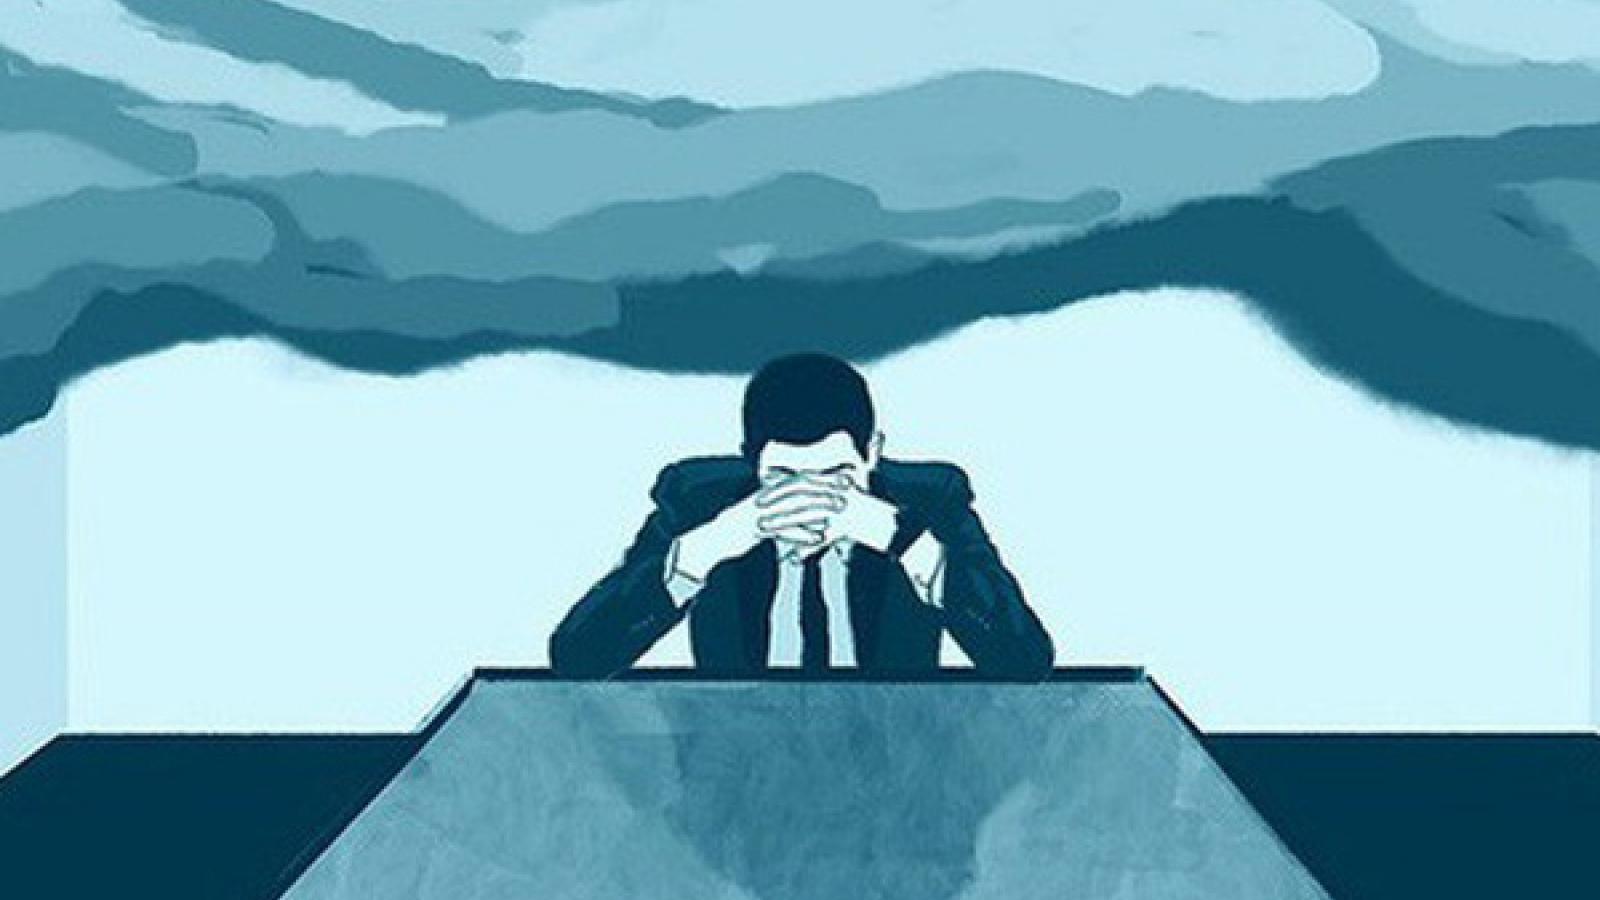 10 bài học quý giá bạn sẽ học được từ khủng hoảng